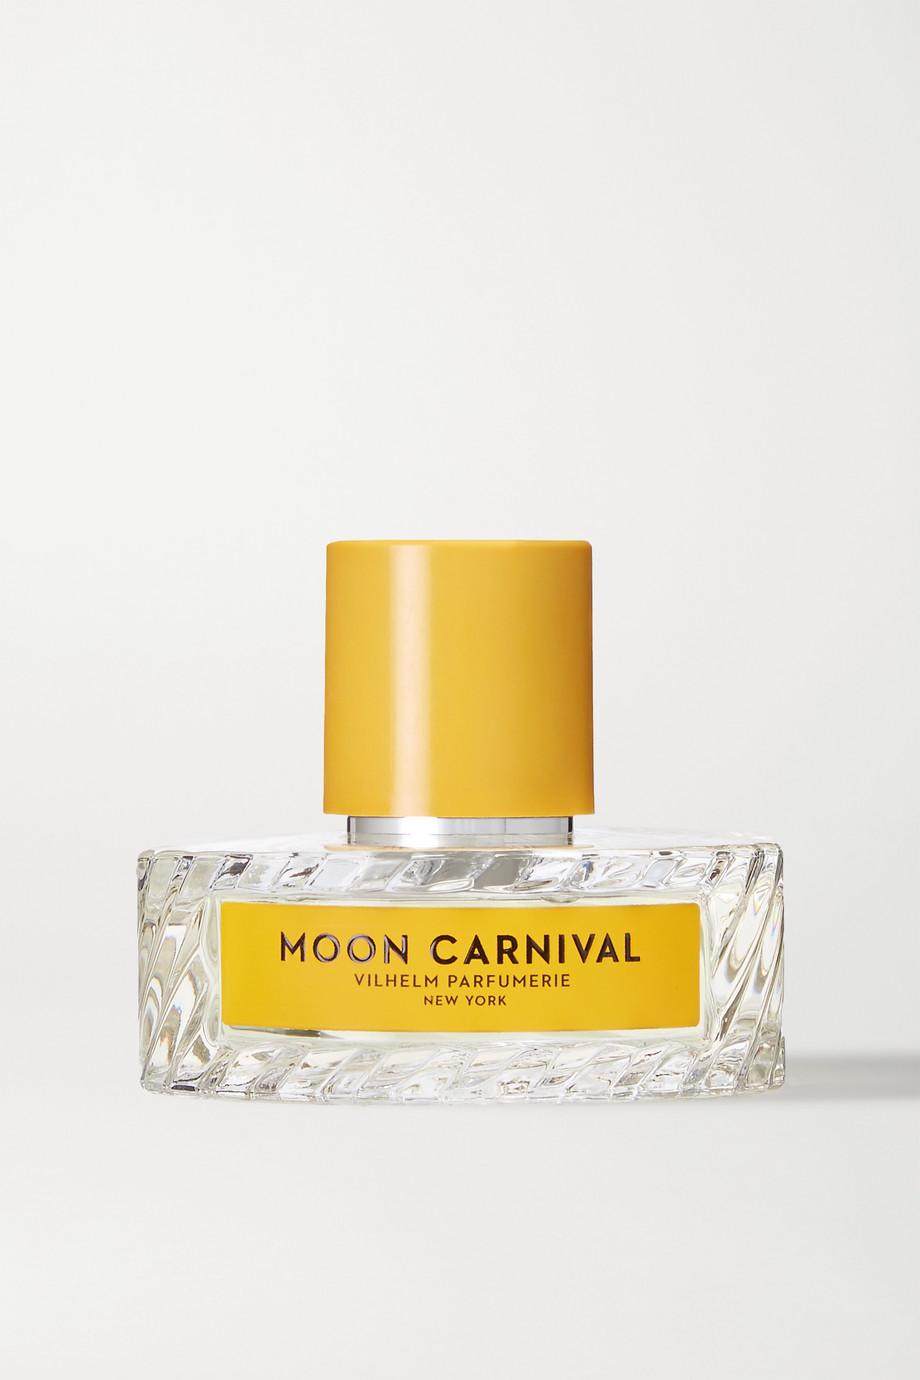 Vilhelm Parfumerie Eau de Parfum - Moon Carnival, 50ml